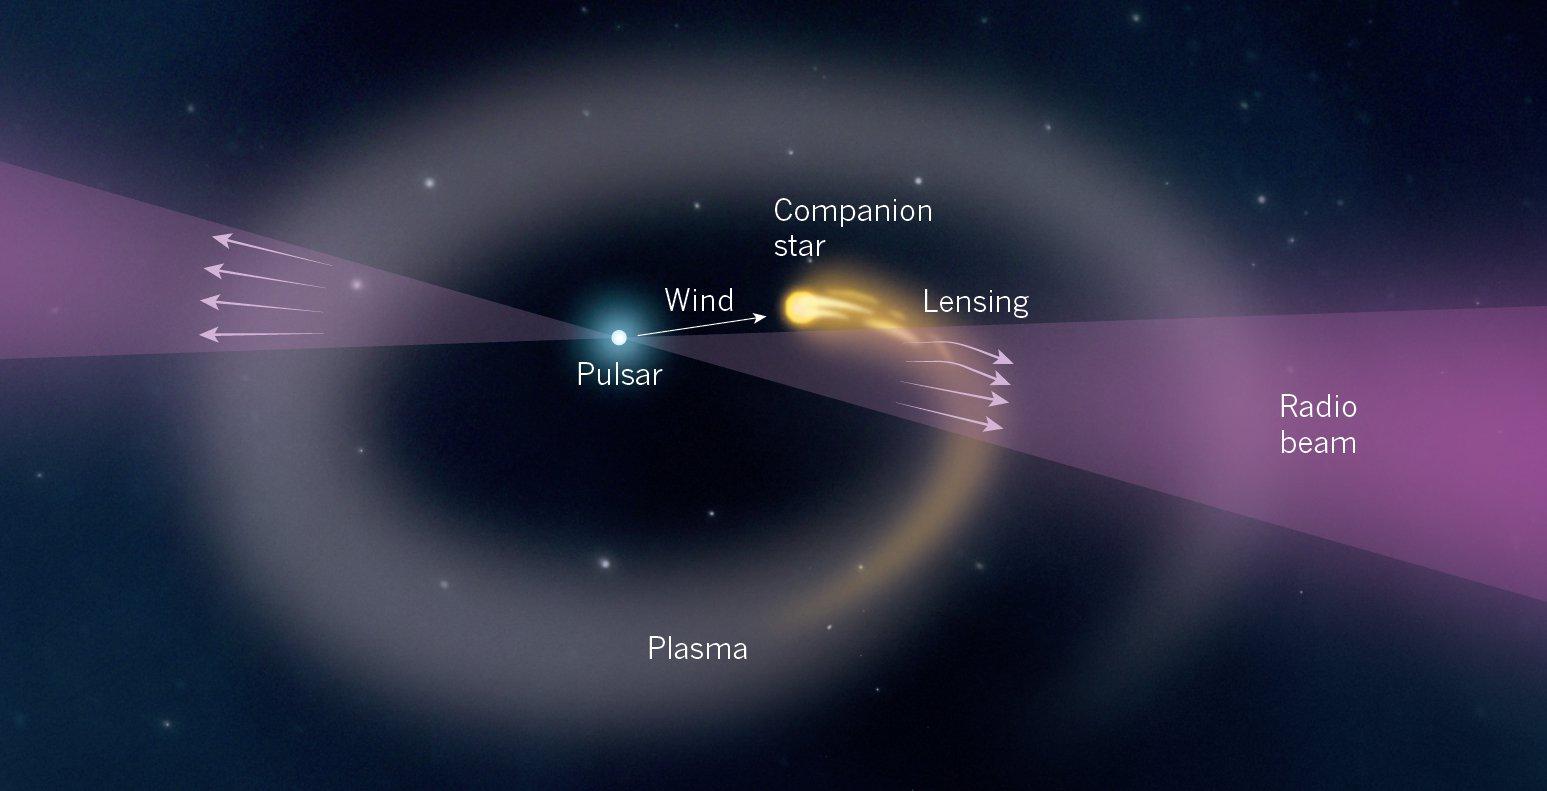 Наблюдение за пульсаром может приблизить ученых к разгадке тайны FRB-сигналов